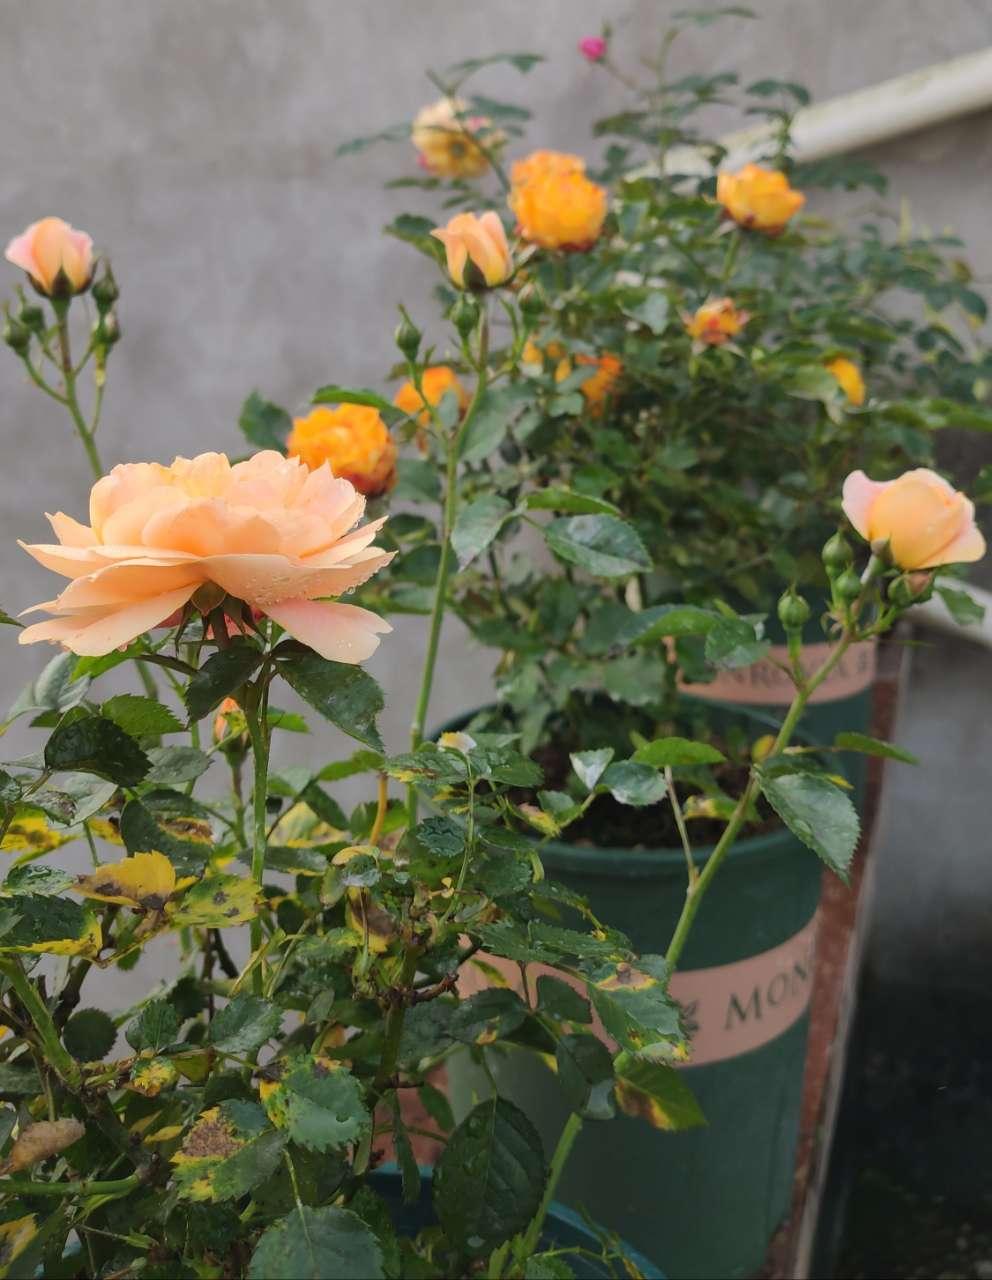 每天都照顾好它们,终于开出漂亮的花!